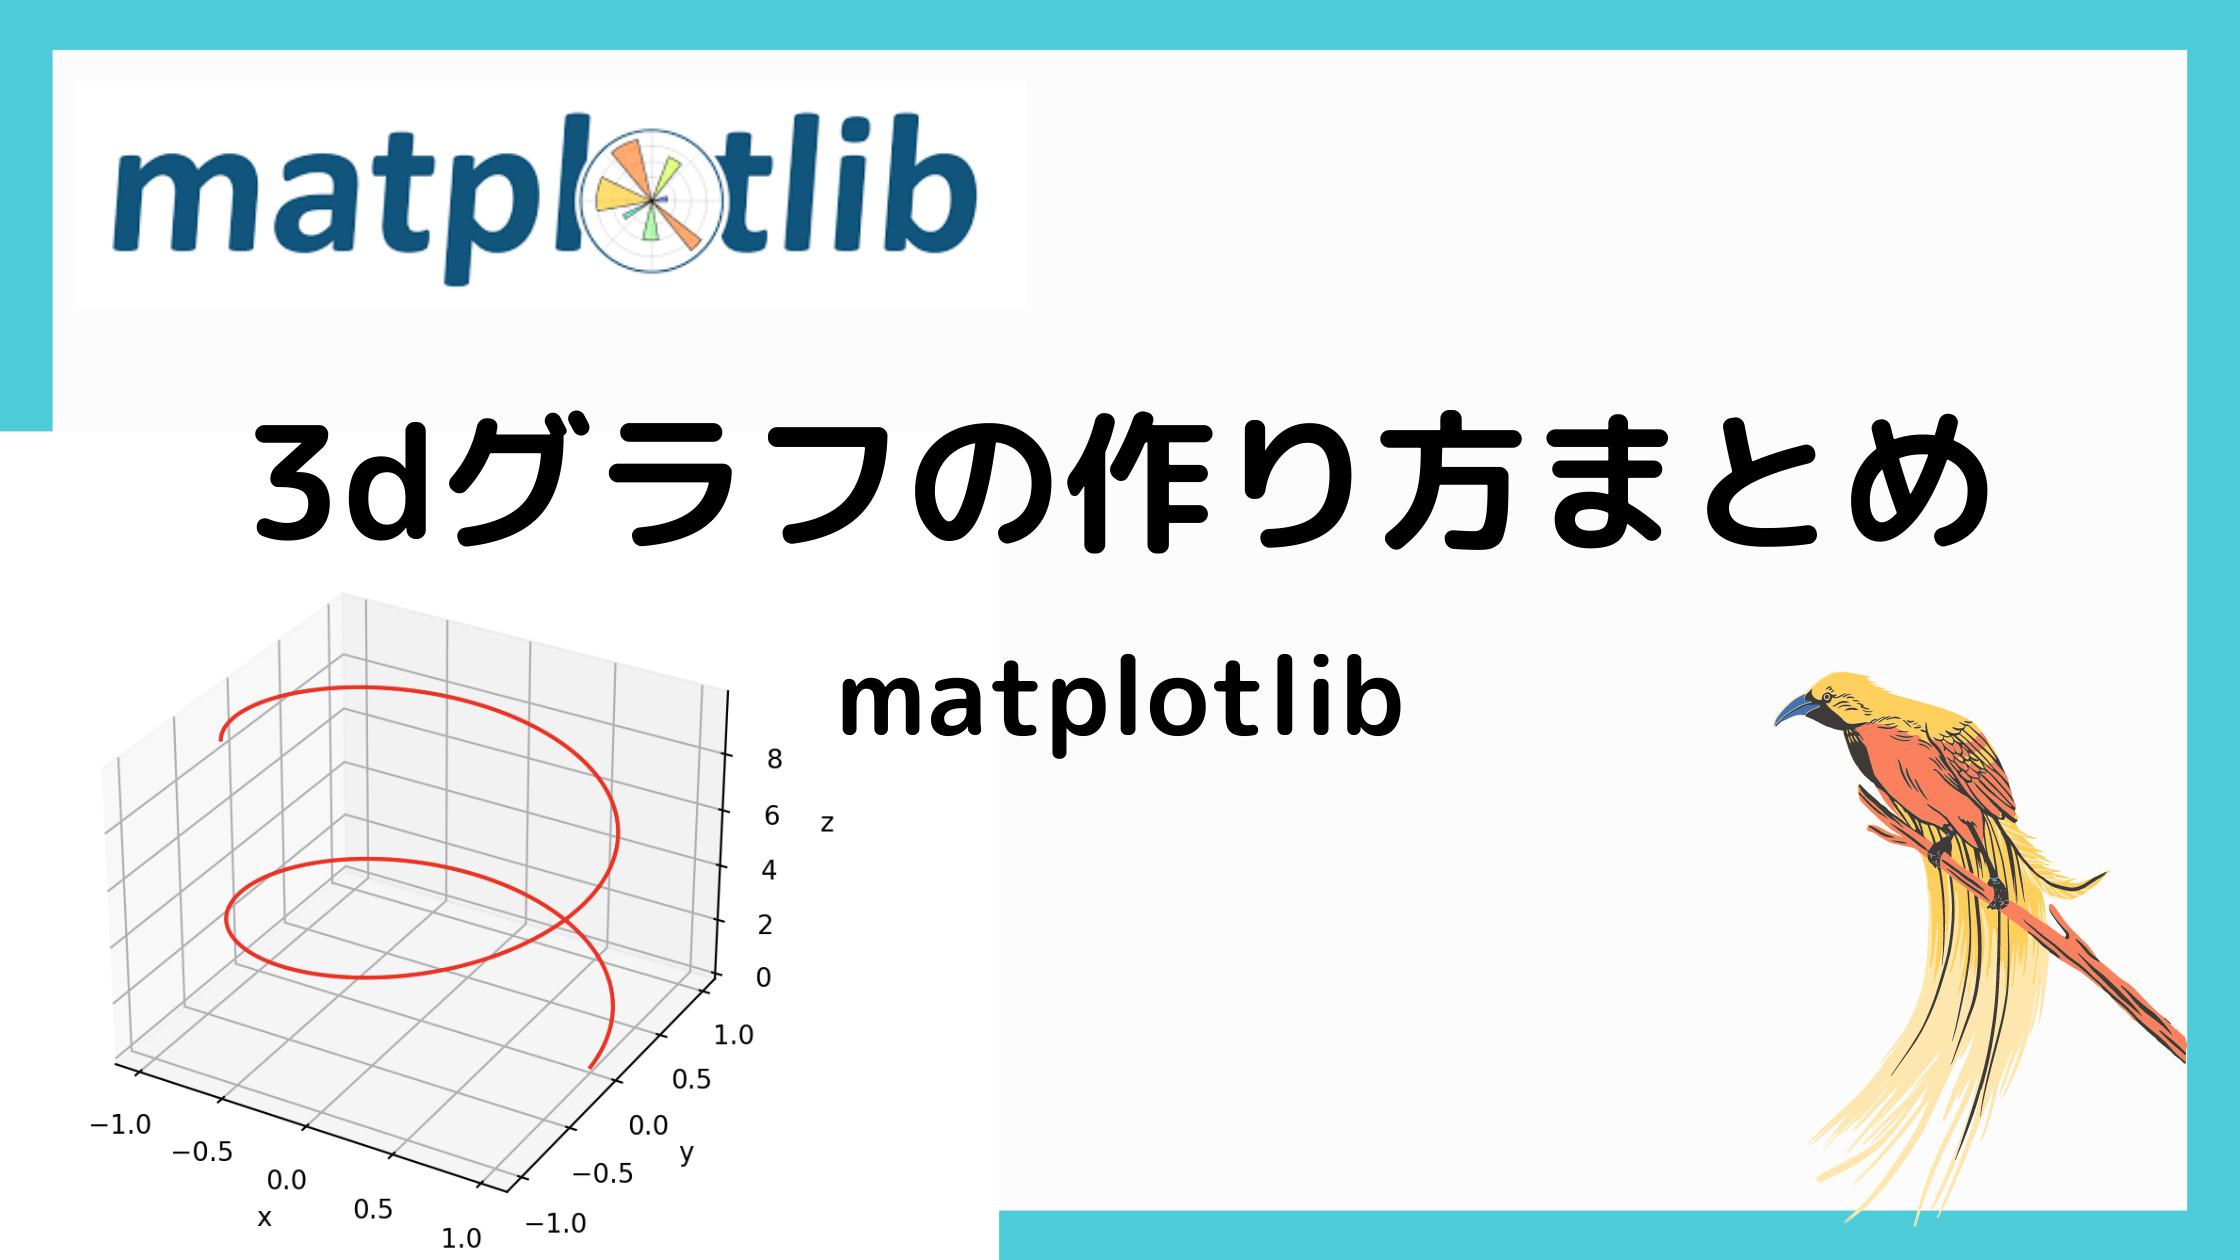 matplotlibの3dグラフの記事のアイキャッチ